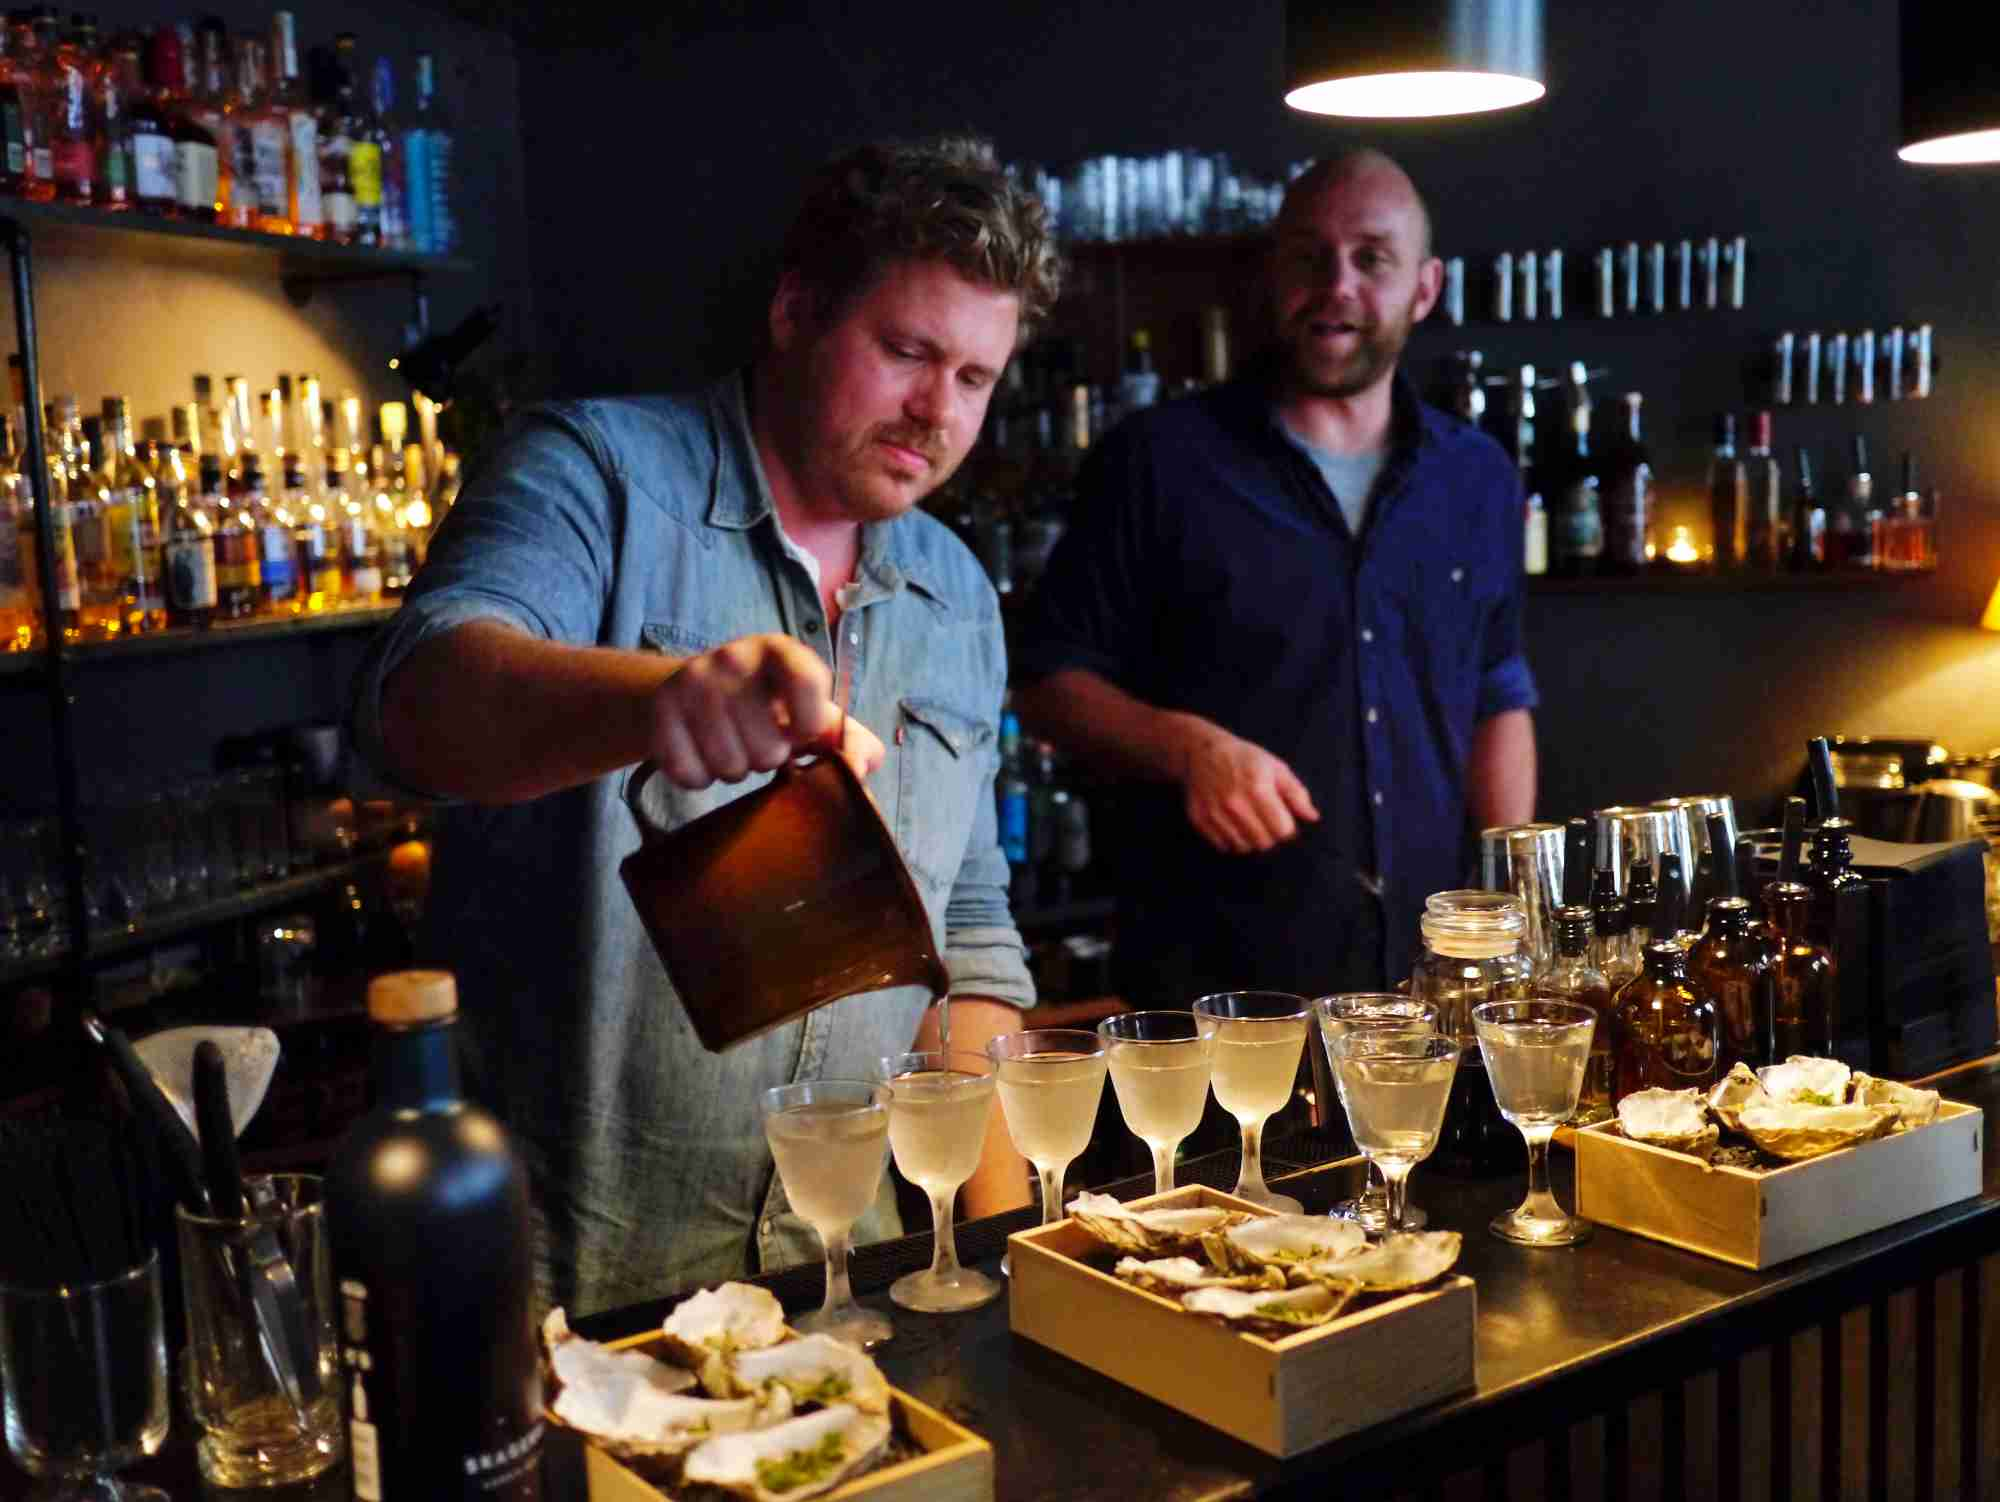 Skagerrak Gin er udviklet i samarbejde med nogle af Nordens bedste bartendere. Fra Danmark er det Kasper Riewe og Rasmus Poulsgaard fra cocktailbaren Duck and Cover i København, der har givet deres faglige vurdering.